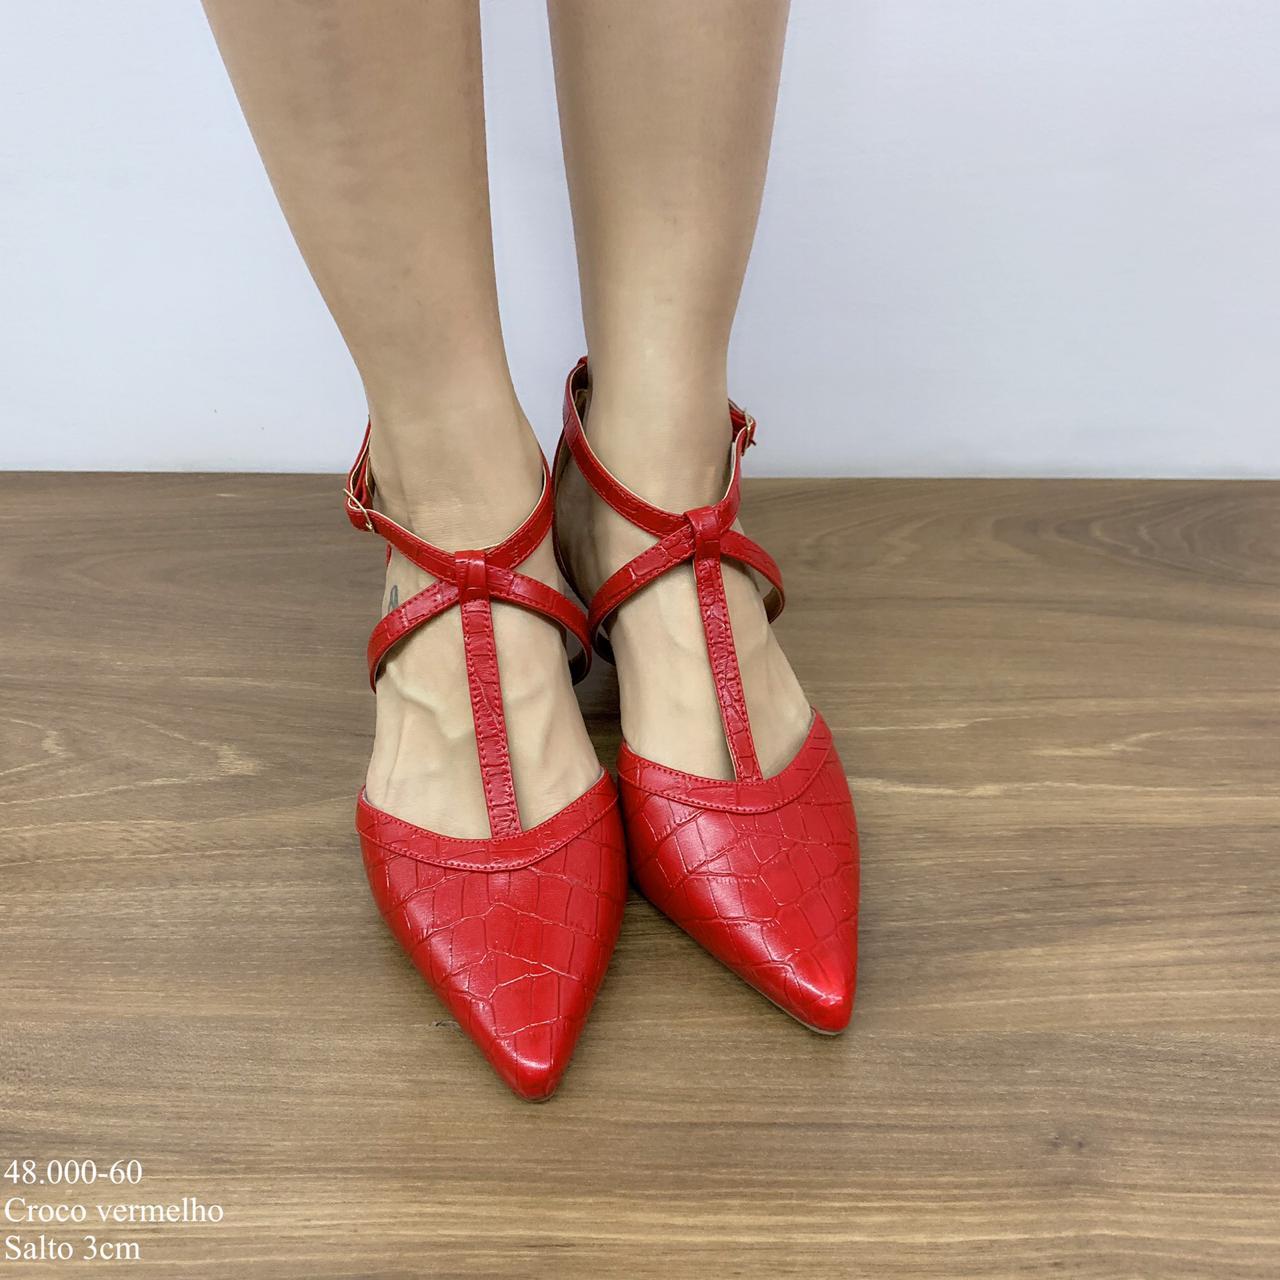 Scarpin vermelho croco em tiras | D- 48.000-60